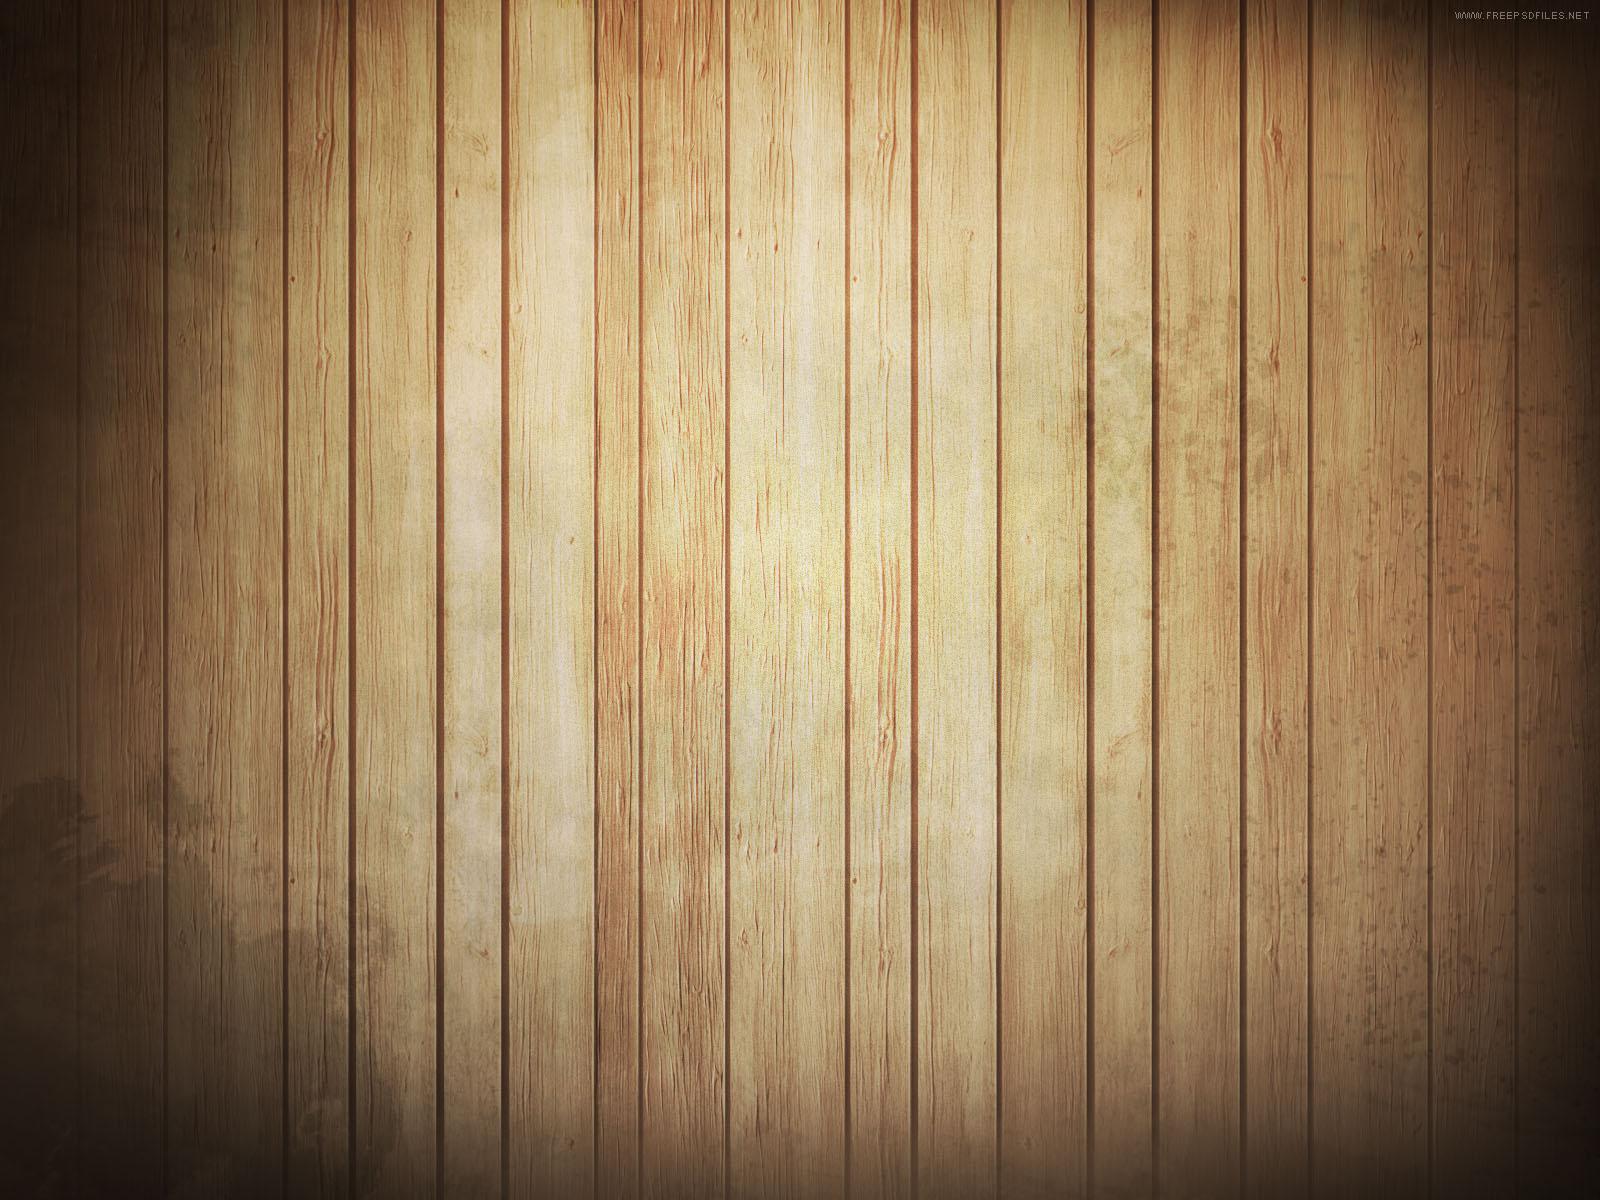 بالصور خلفيات خشب , احدث اشكال الخلفيات الخشبية 5126 3